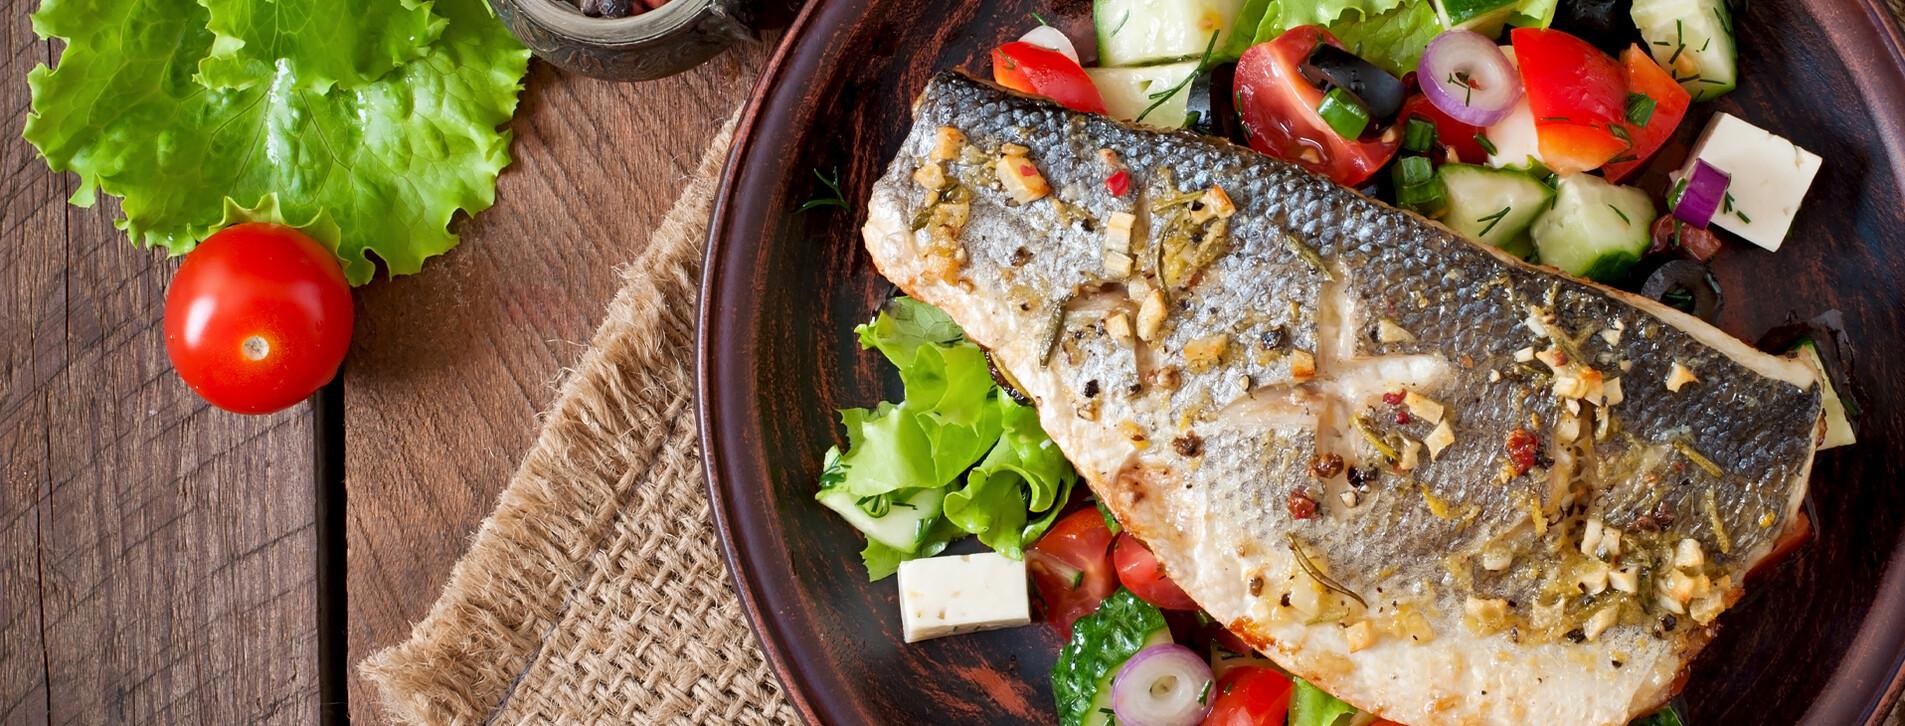 Fotoğraf - İki Kişi için Balık Yemekleri Yapım Dersi